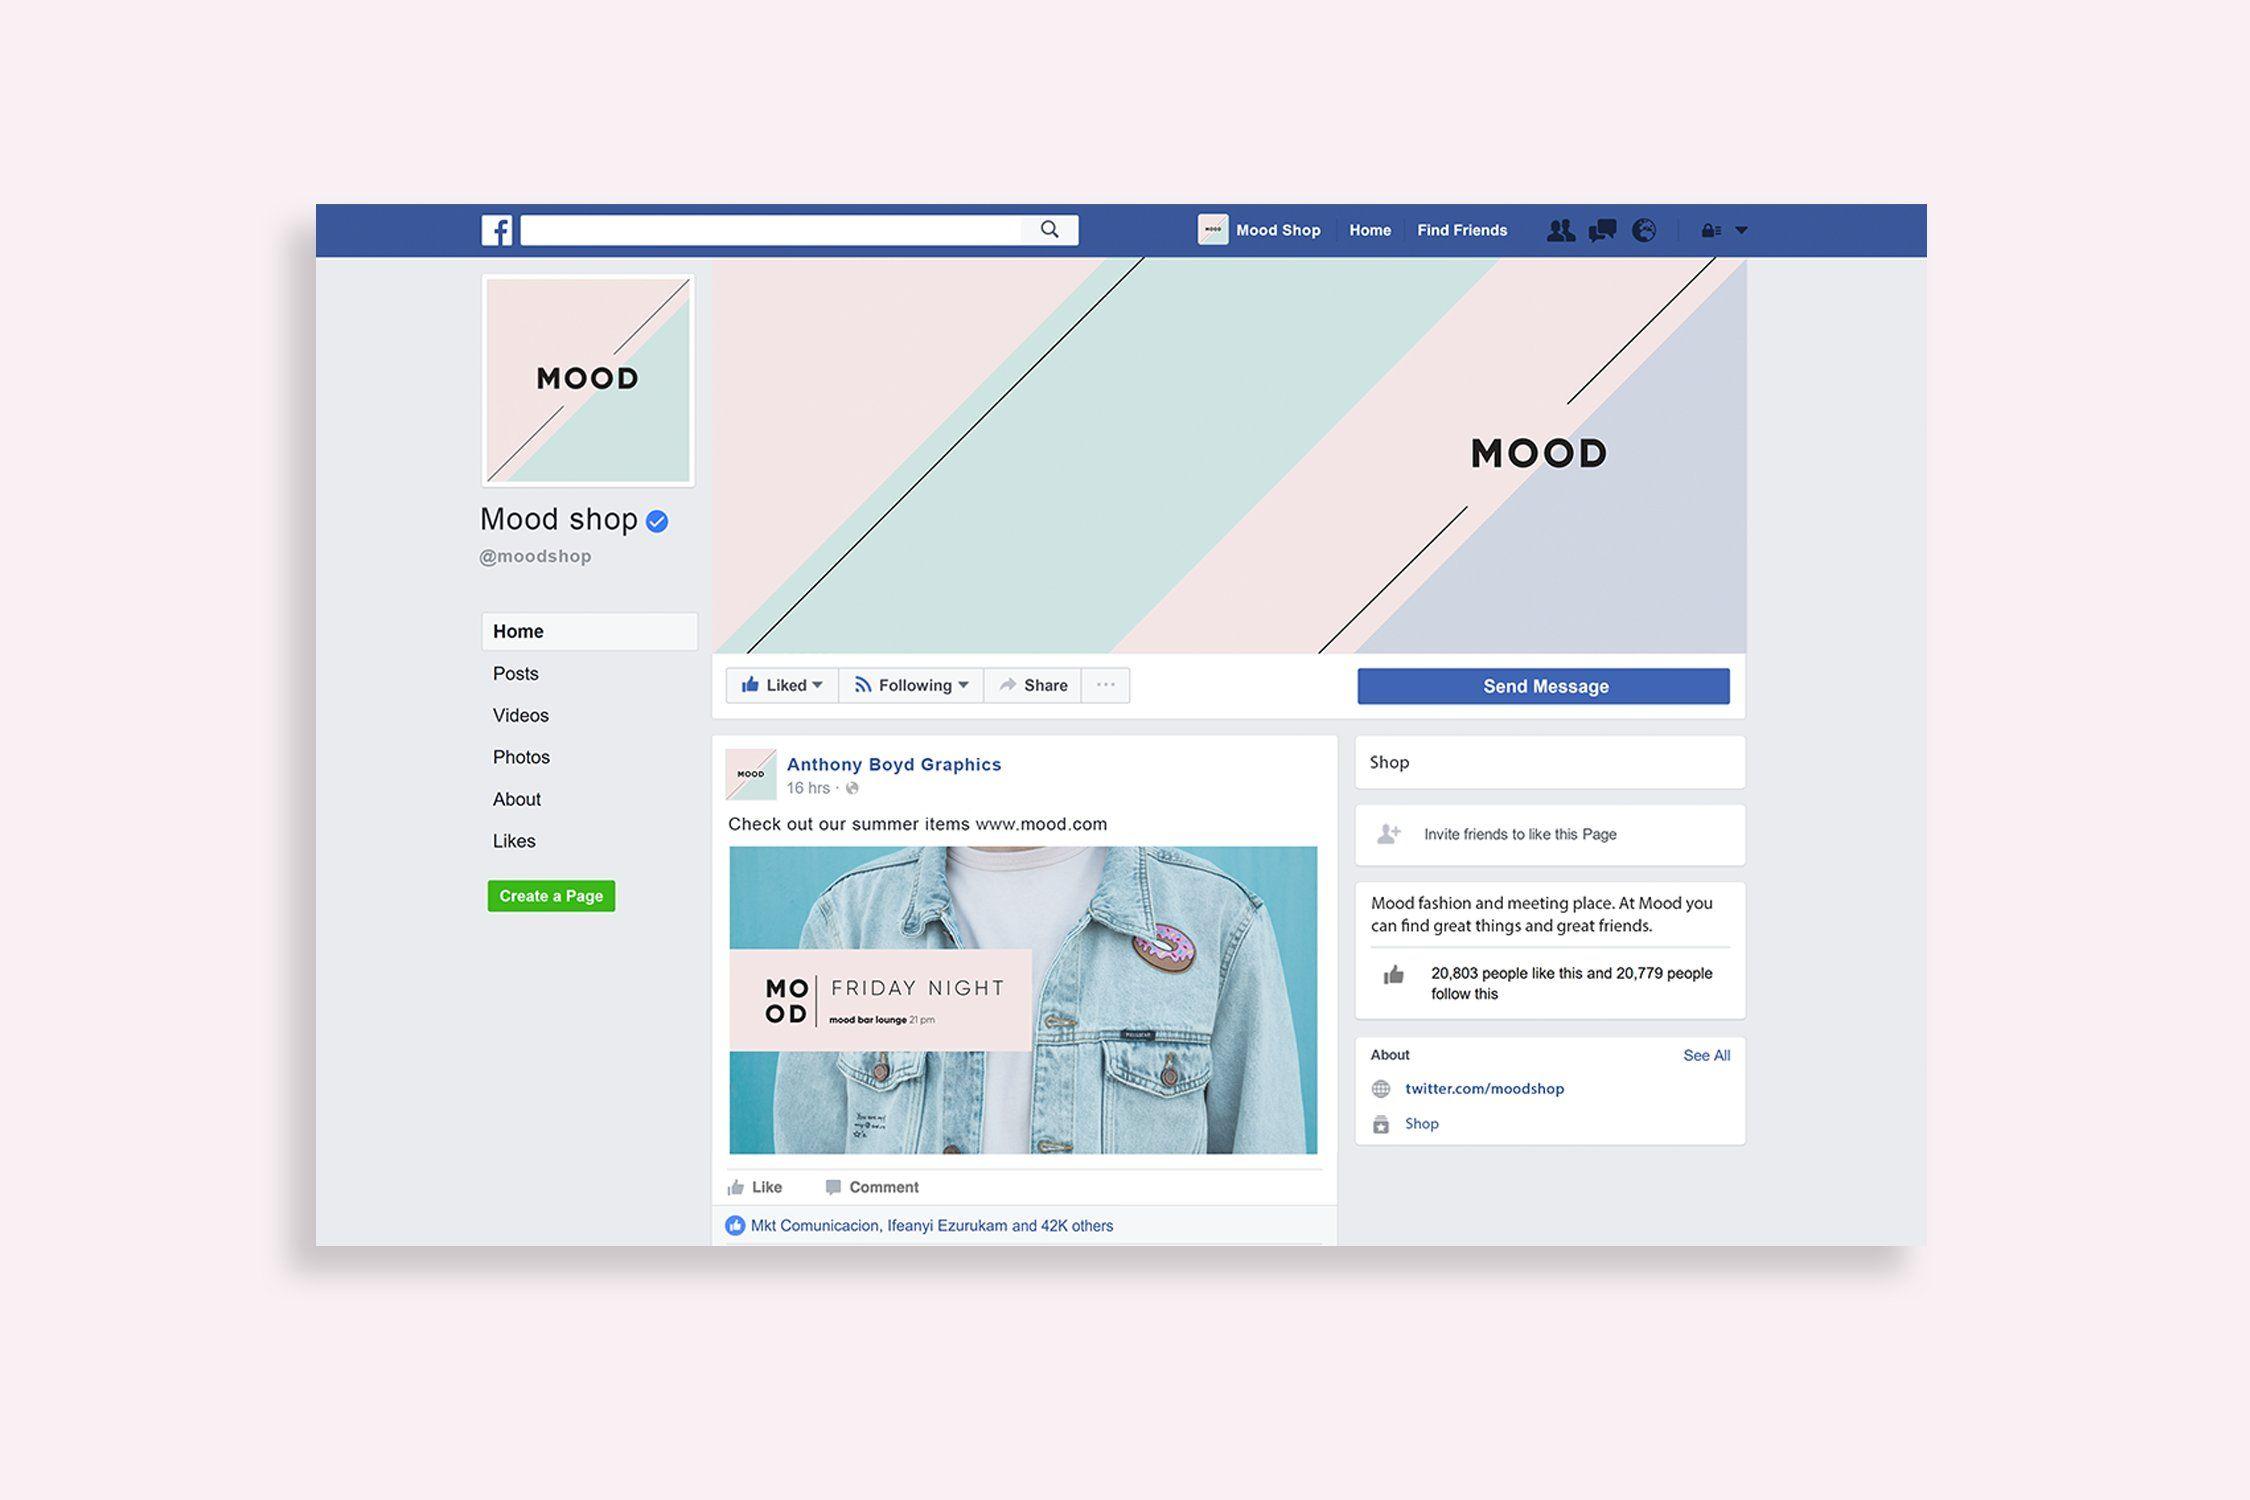 Elegant Facebook Ad Templates Facebook Ad Template Facebook Cover Photo Template Facebook Profile Template